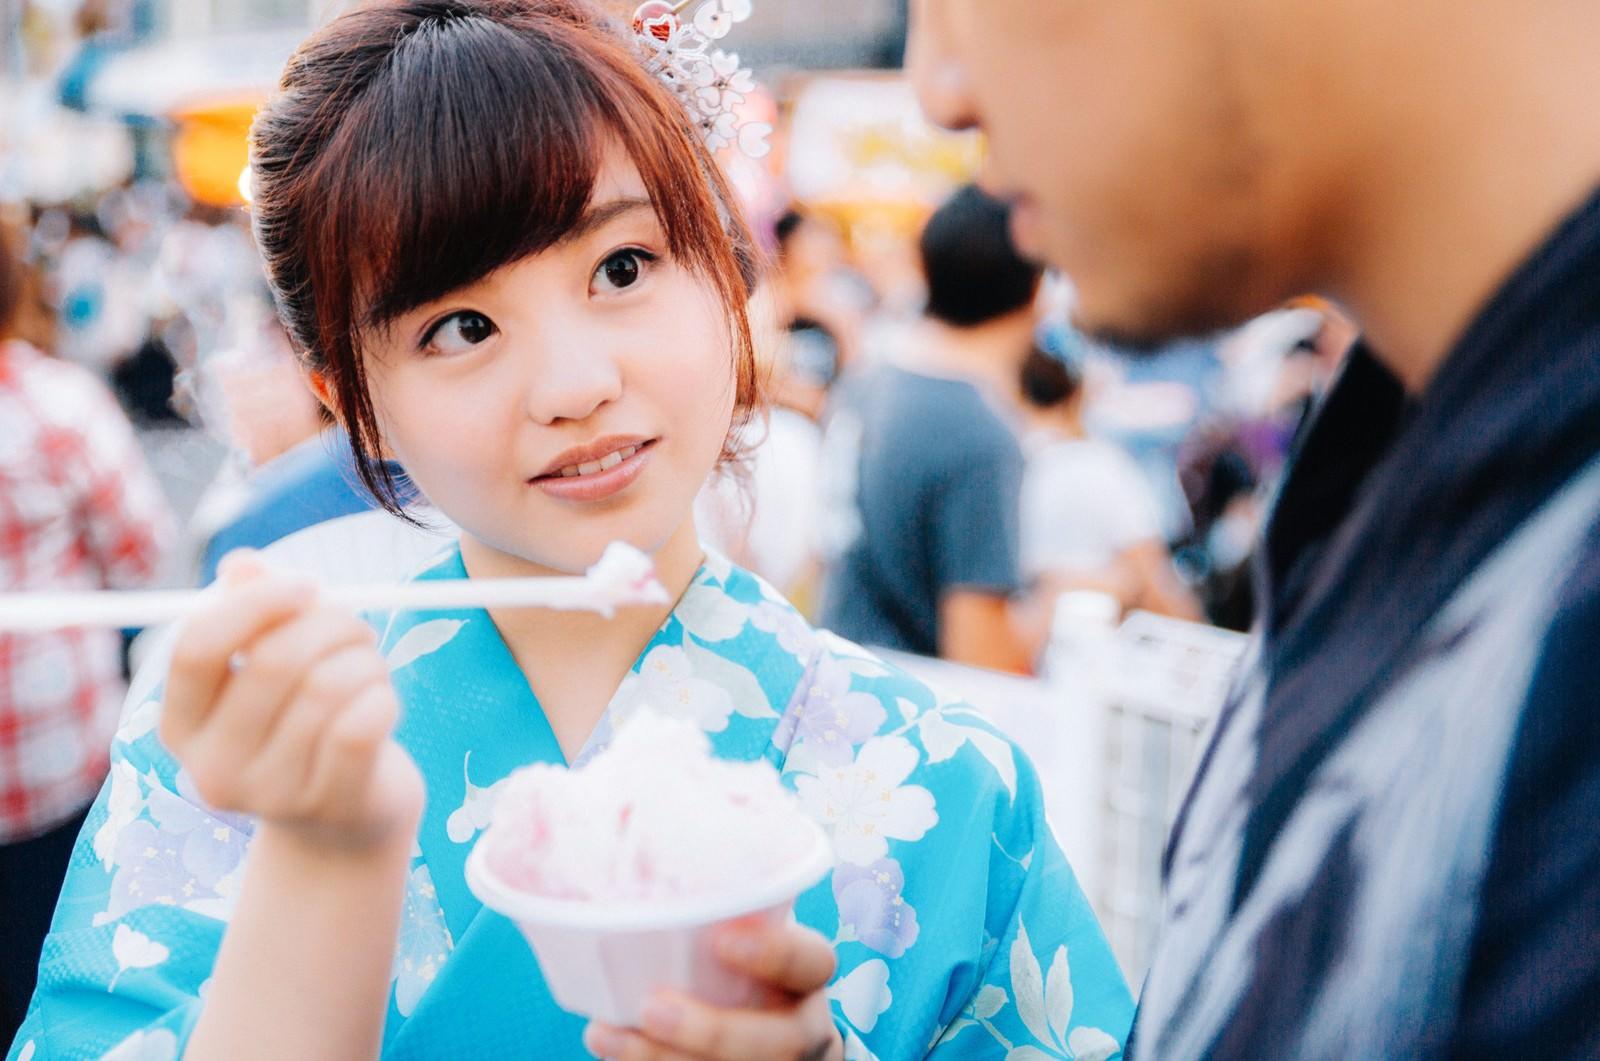 「新しいかき氷の売り子新しいかき氷の売り子」[モデル:河村友歌]のフリー写真素材を拡大